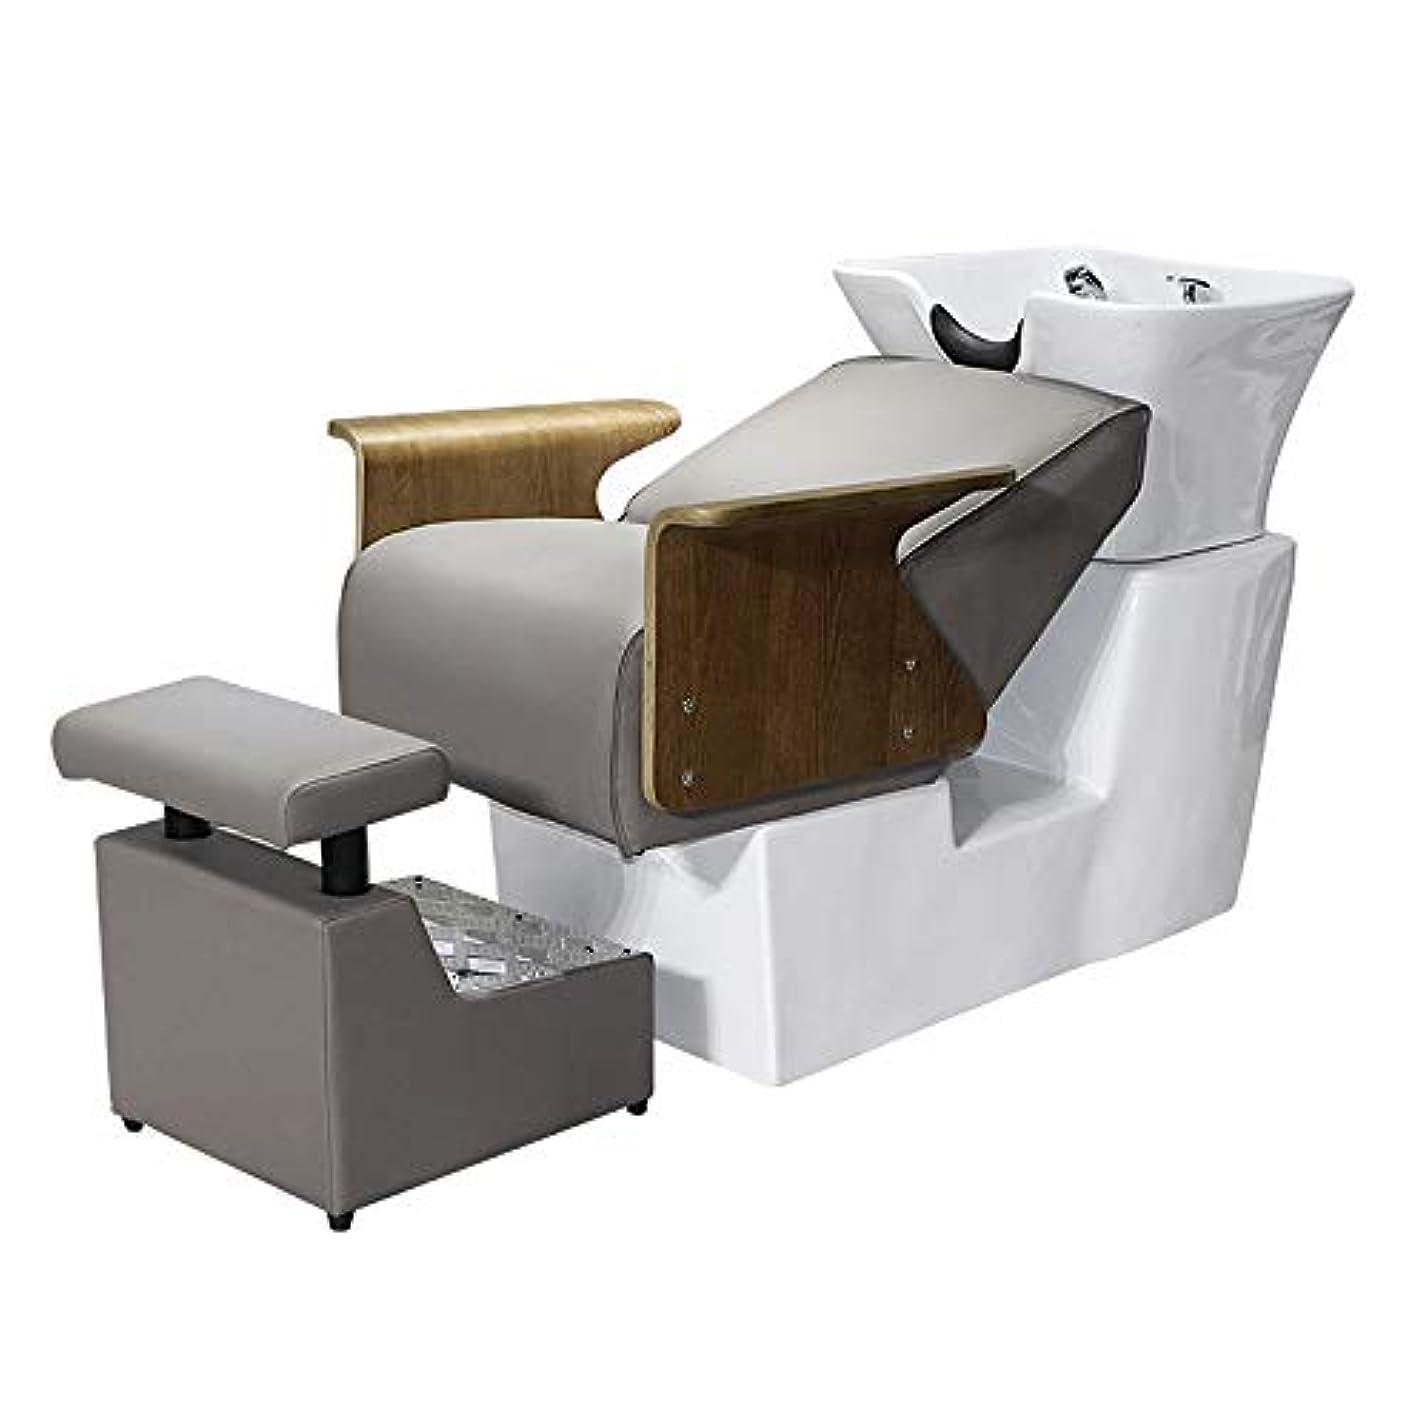 二度教師の日連続したシャンプーの椅子、陶磁器の洗面器のシャンプーのベッドの逆洗の単位の鉱泉の美容院装置のためのシャンプーボールの理髪の流しの椅子